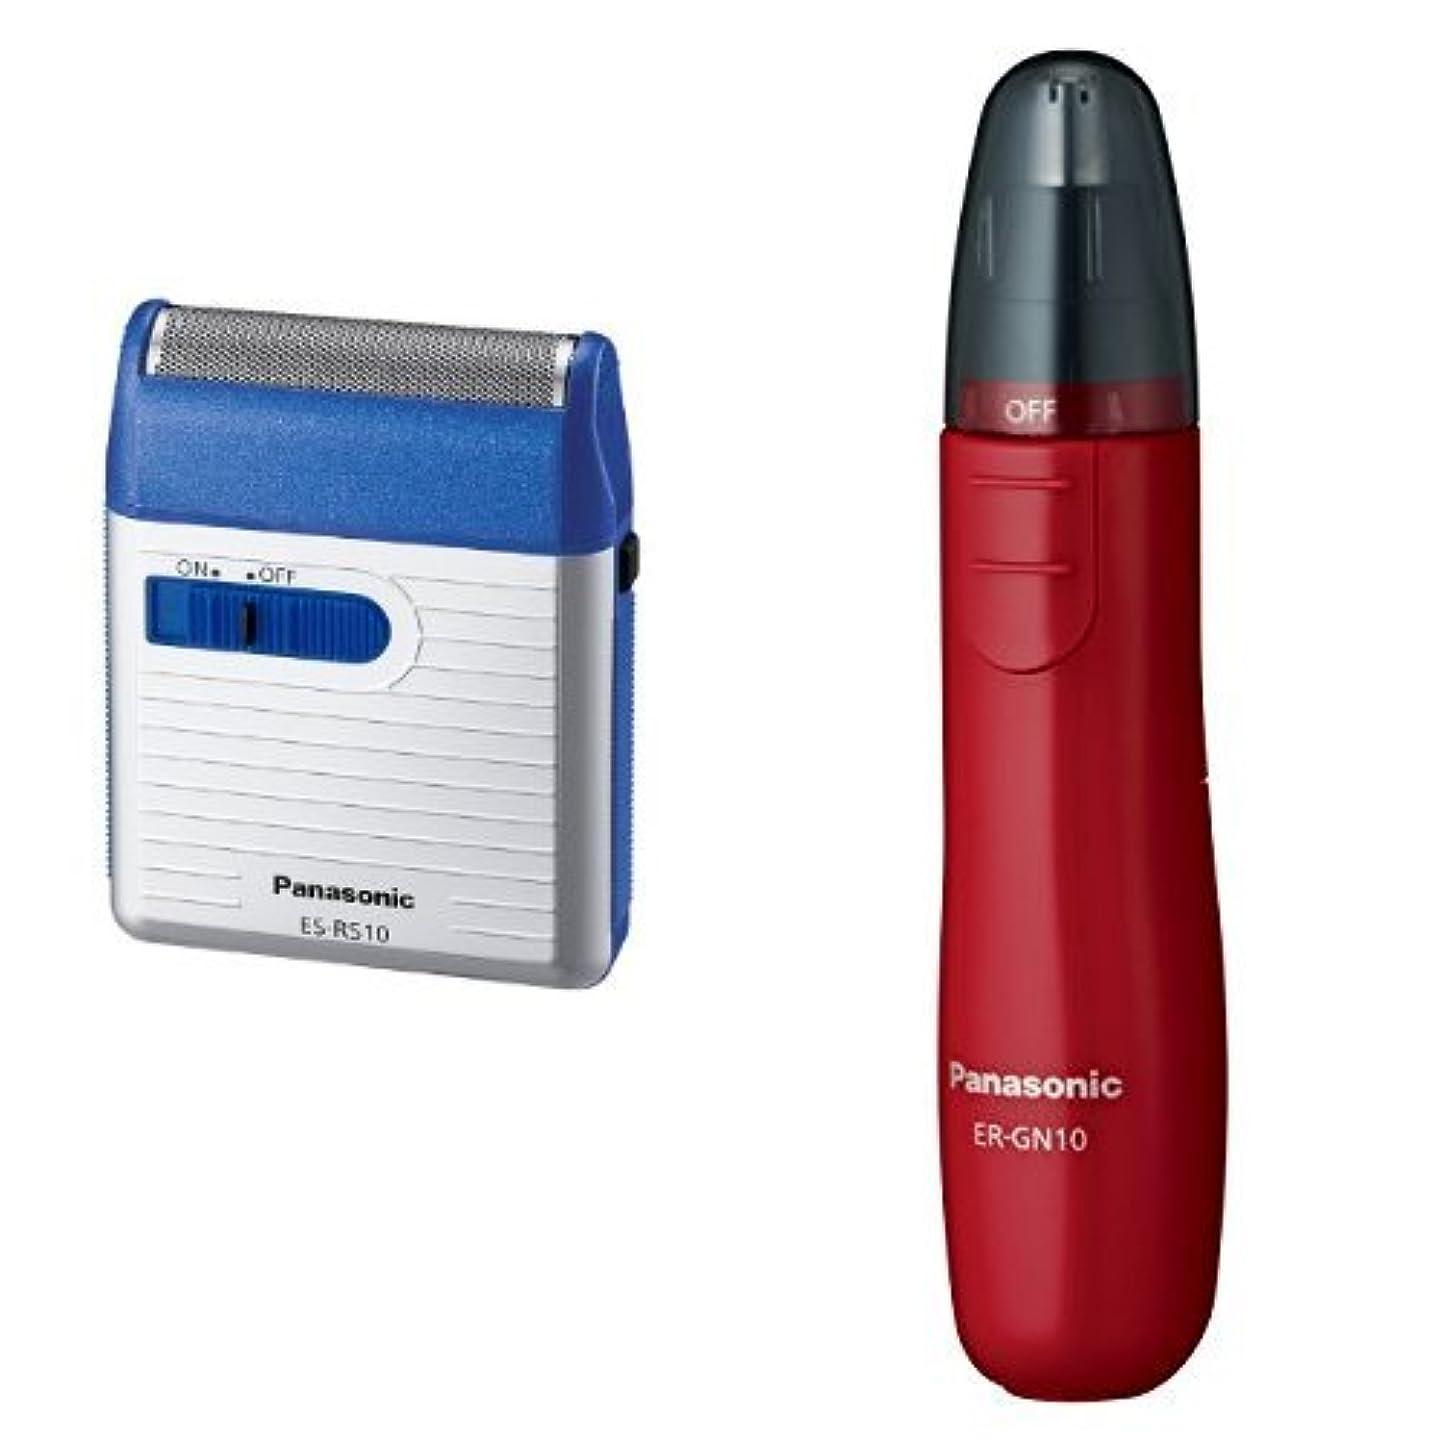 アプローチ白菜ジョットディボンドンパナソニック メンズシェーバー 1枚刃 青 ES-RS10-A + エチケットカッター 赤 ER-GN10-R セット